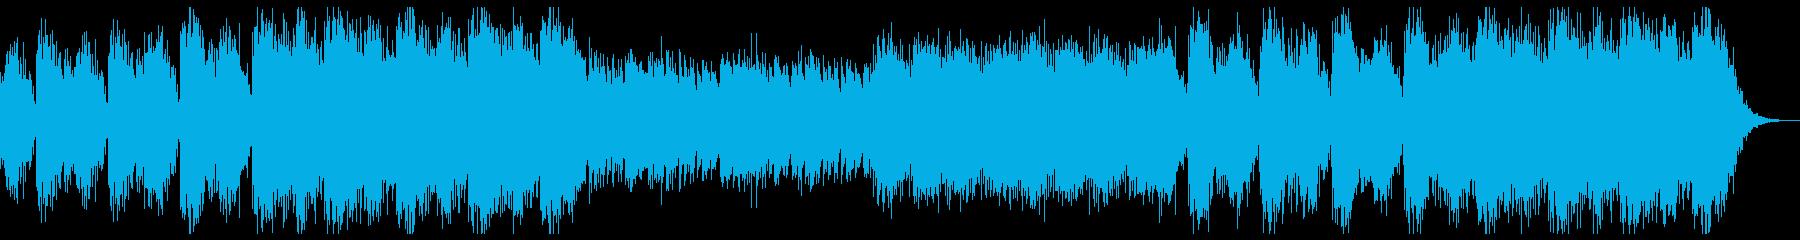 何かが始まる予感を感じるBGMの再生済みの波形